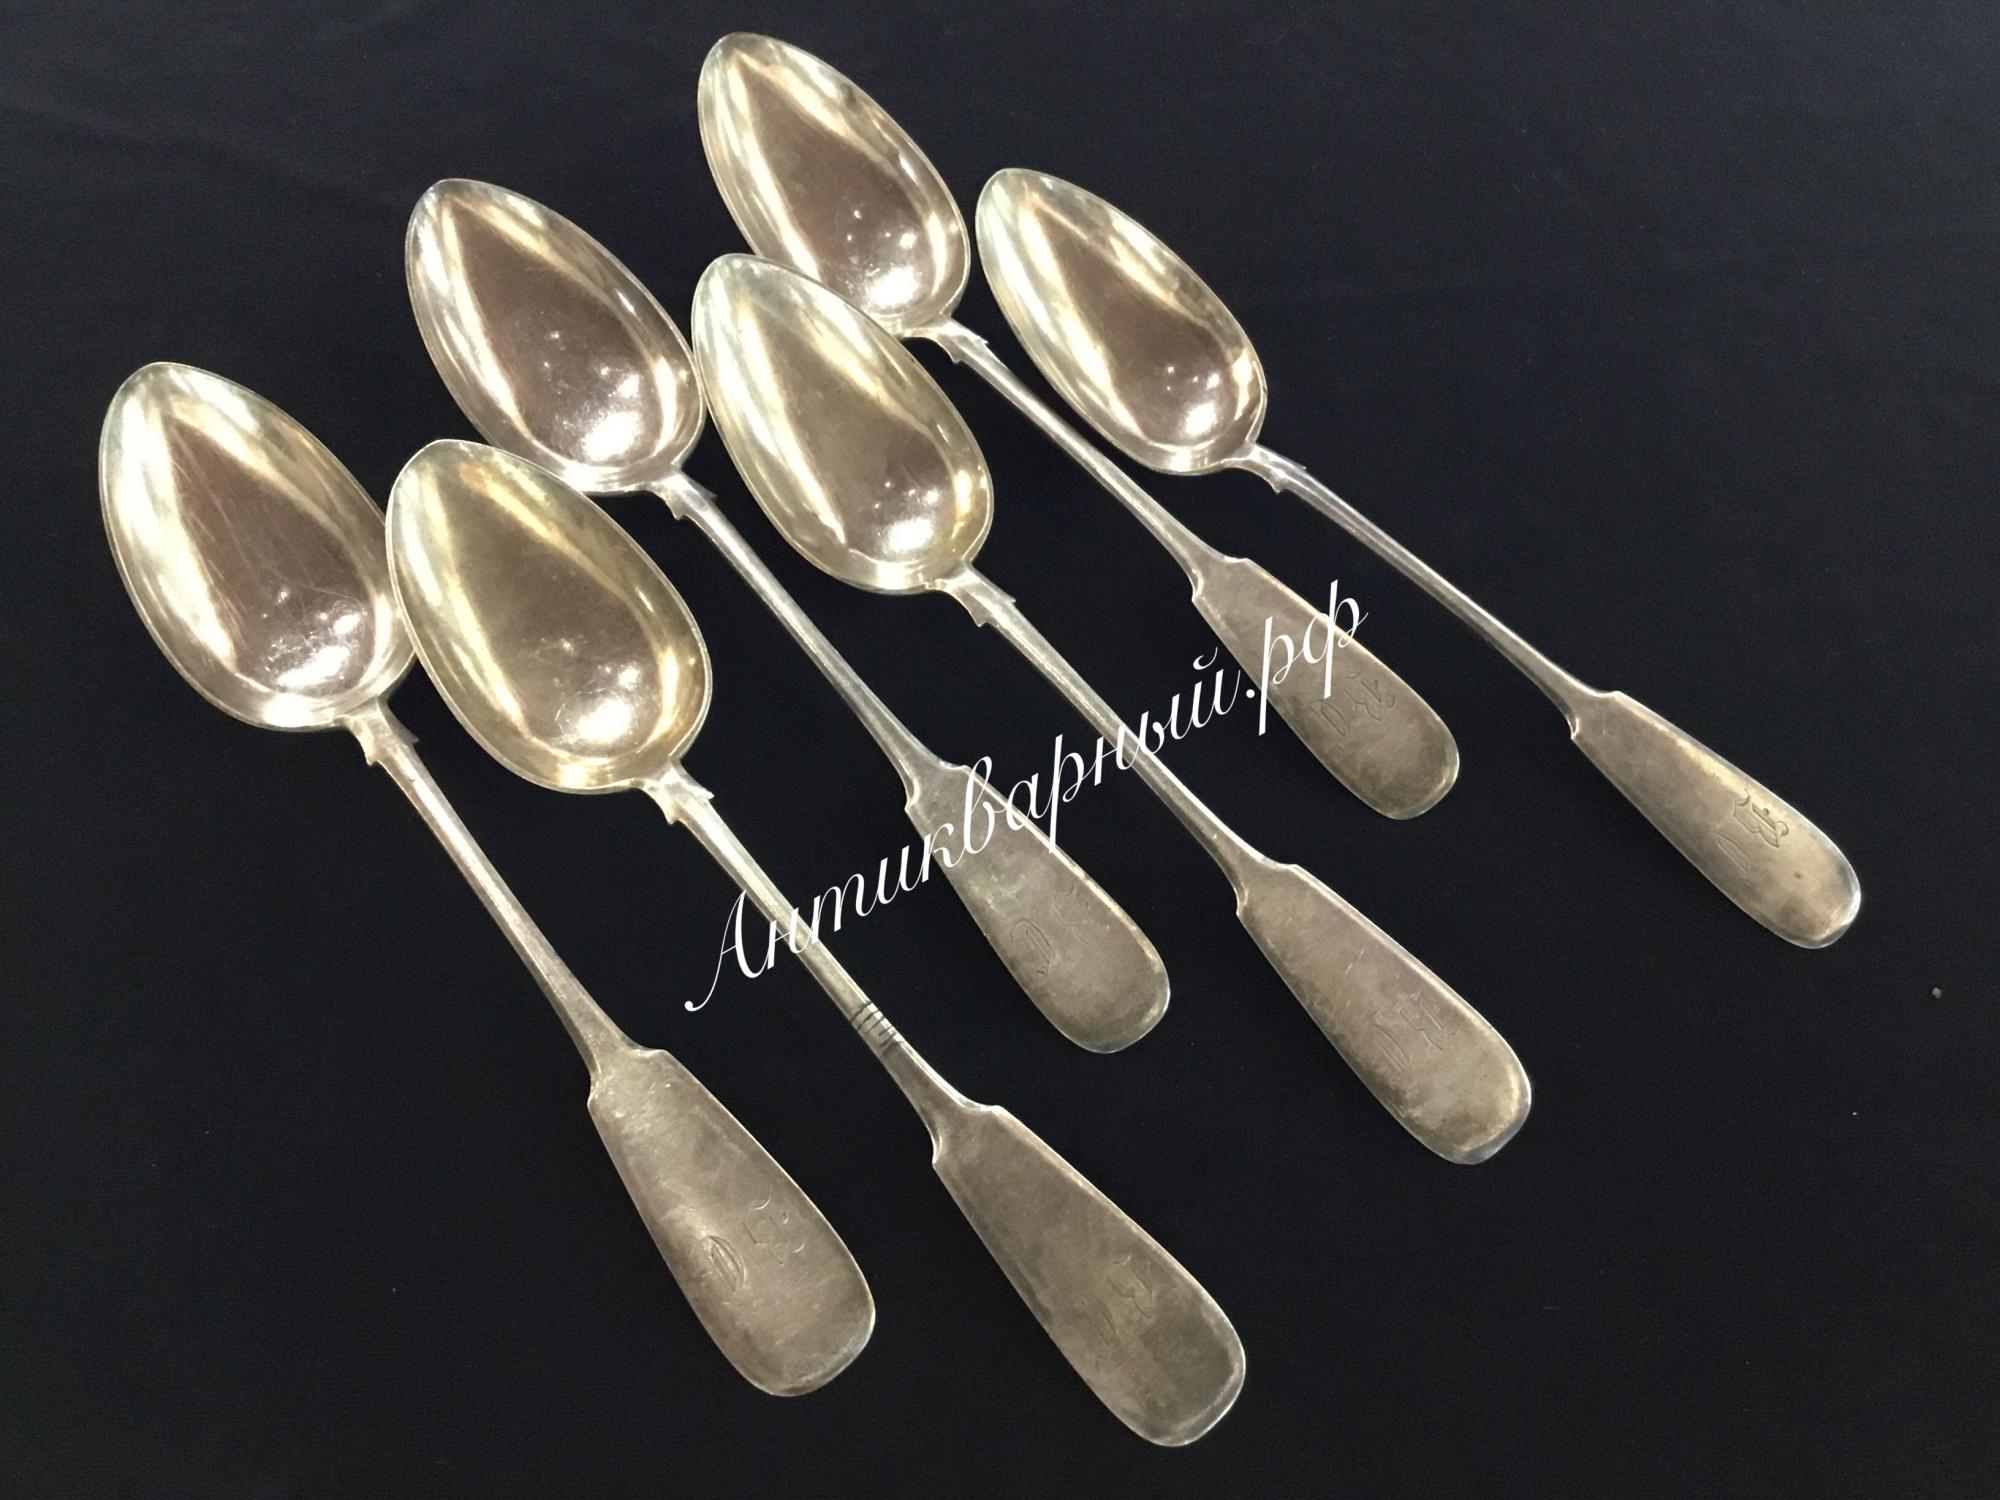 Серебряные столовые ложки 84пробы